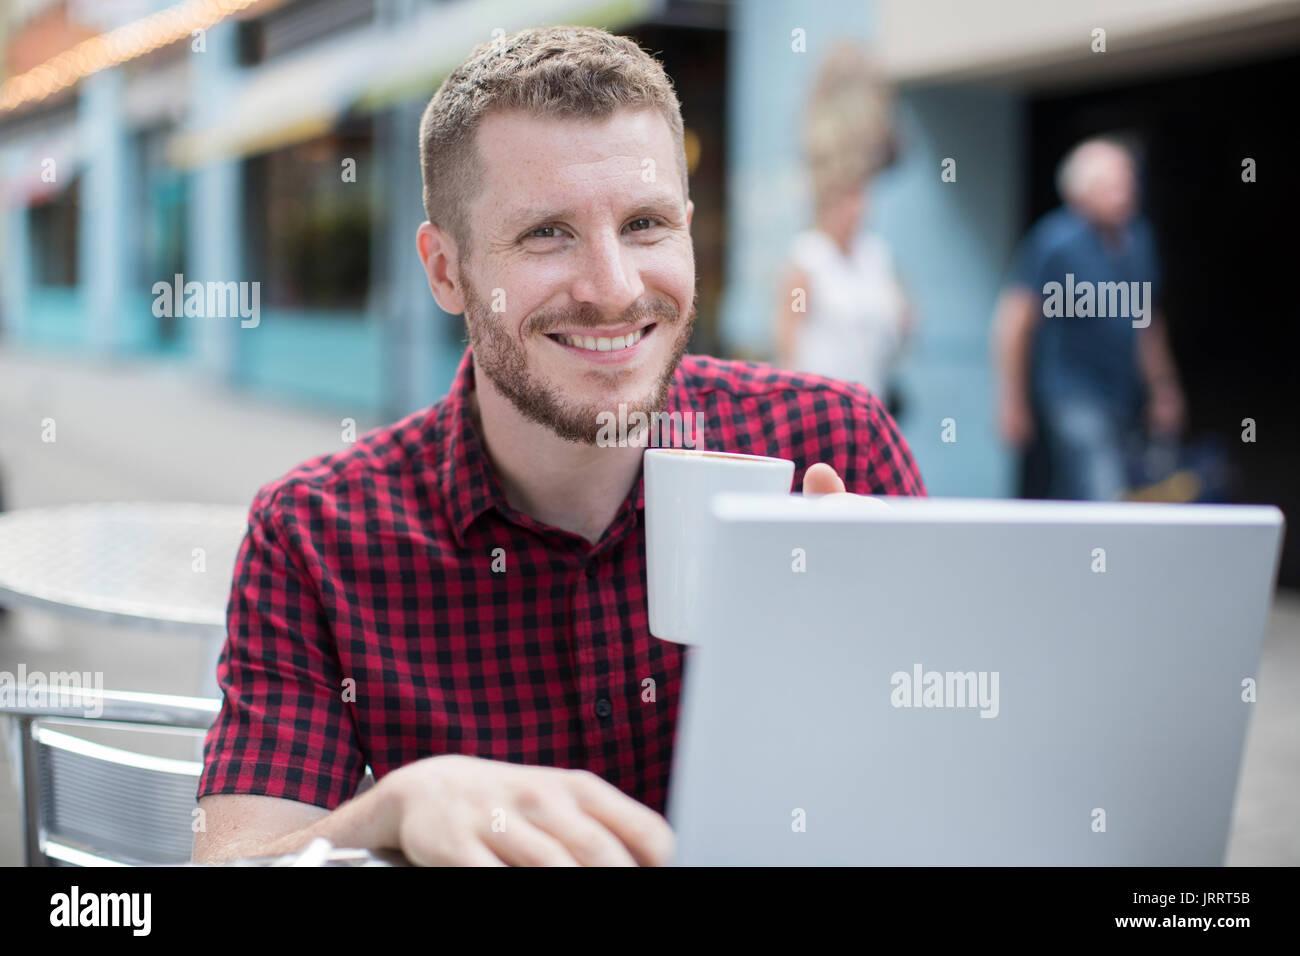 Porträt des jungen Mannes im Outdoor-Cafe auf Laptop Stockbild